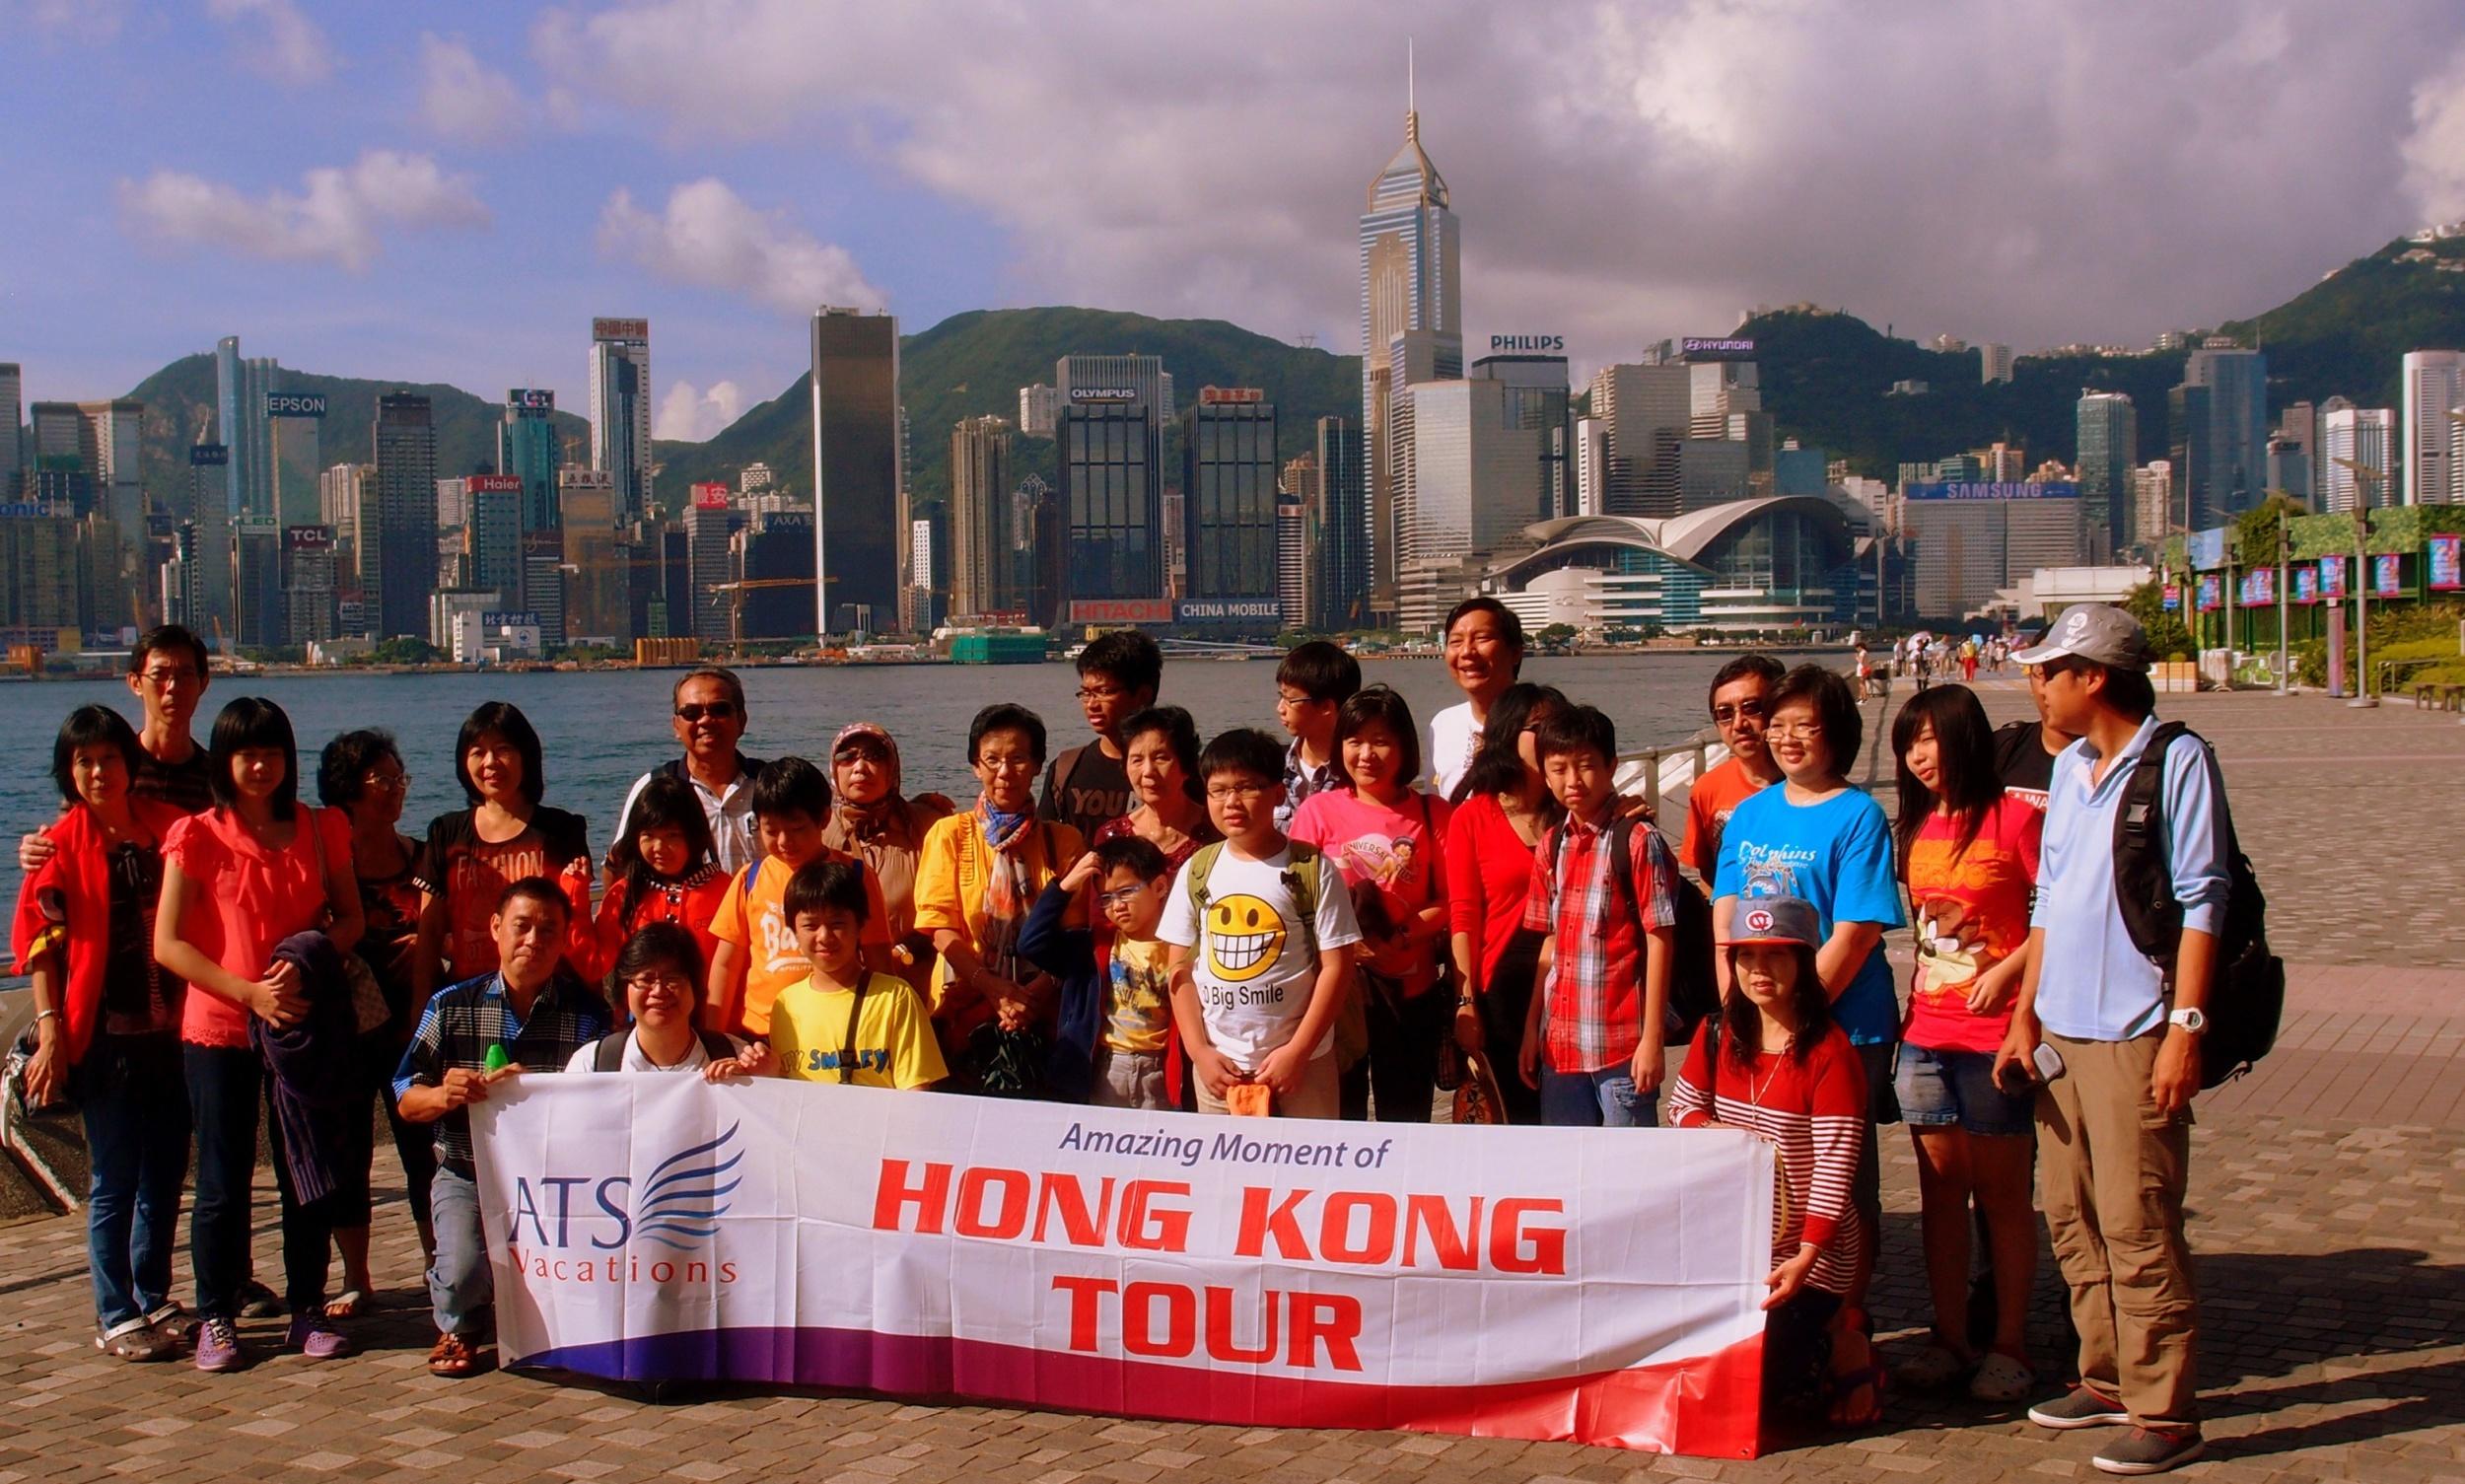 A tour group enjoys Hong Kong